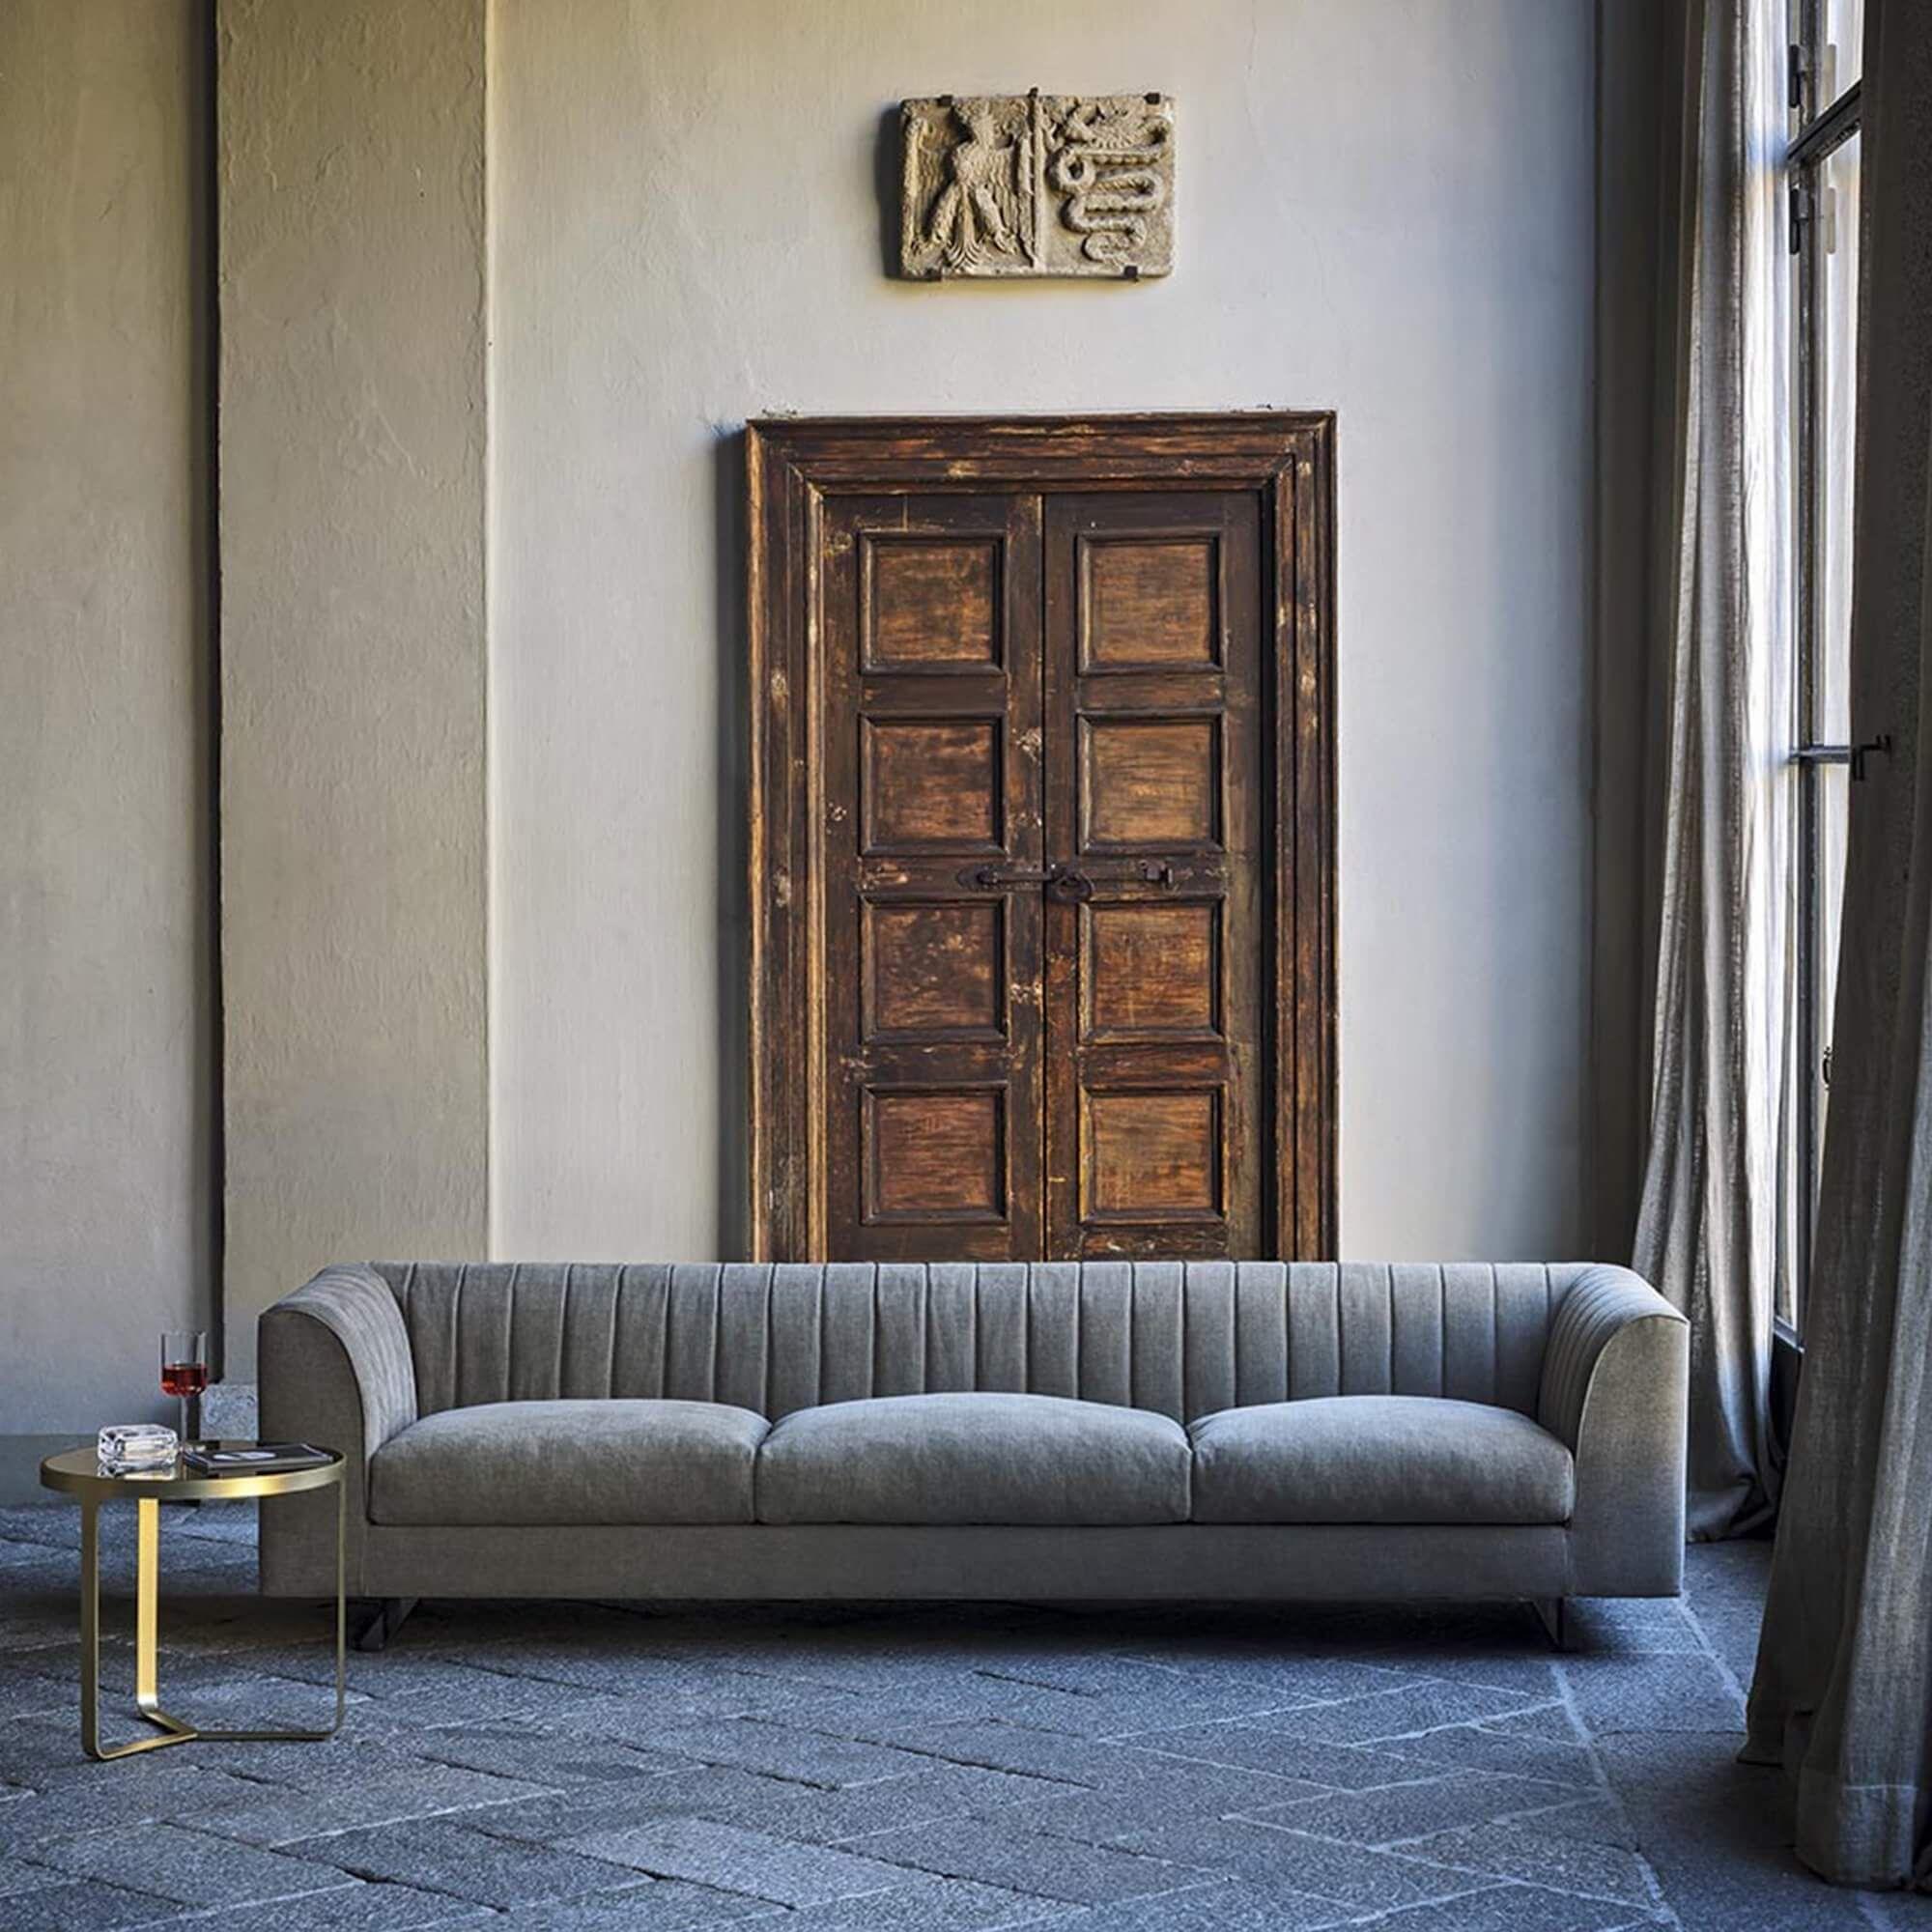 Quilt Sofa In 2019 Seating Sofa Sofa Design Quilts